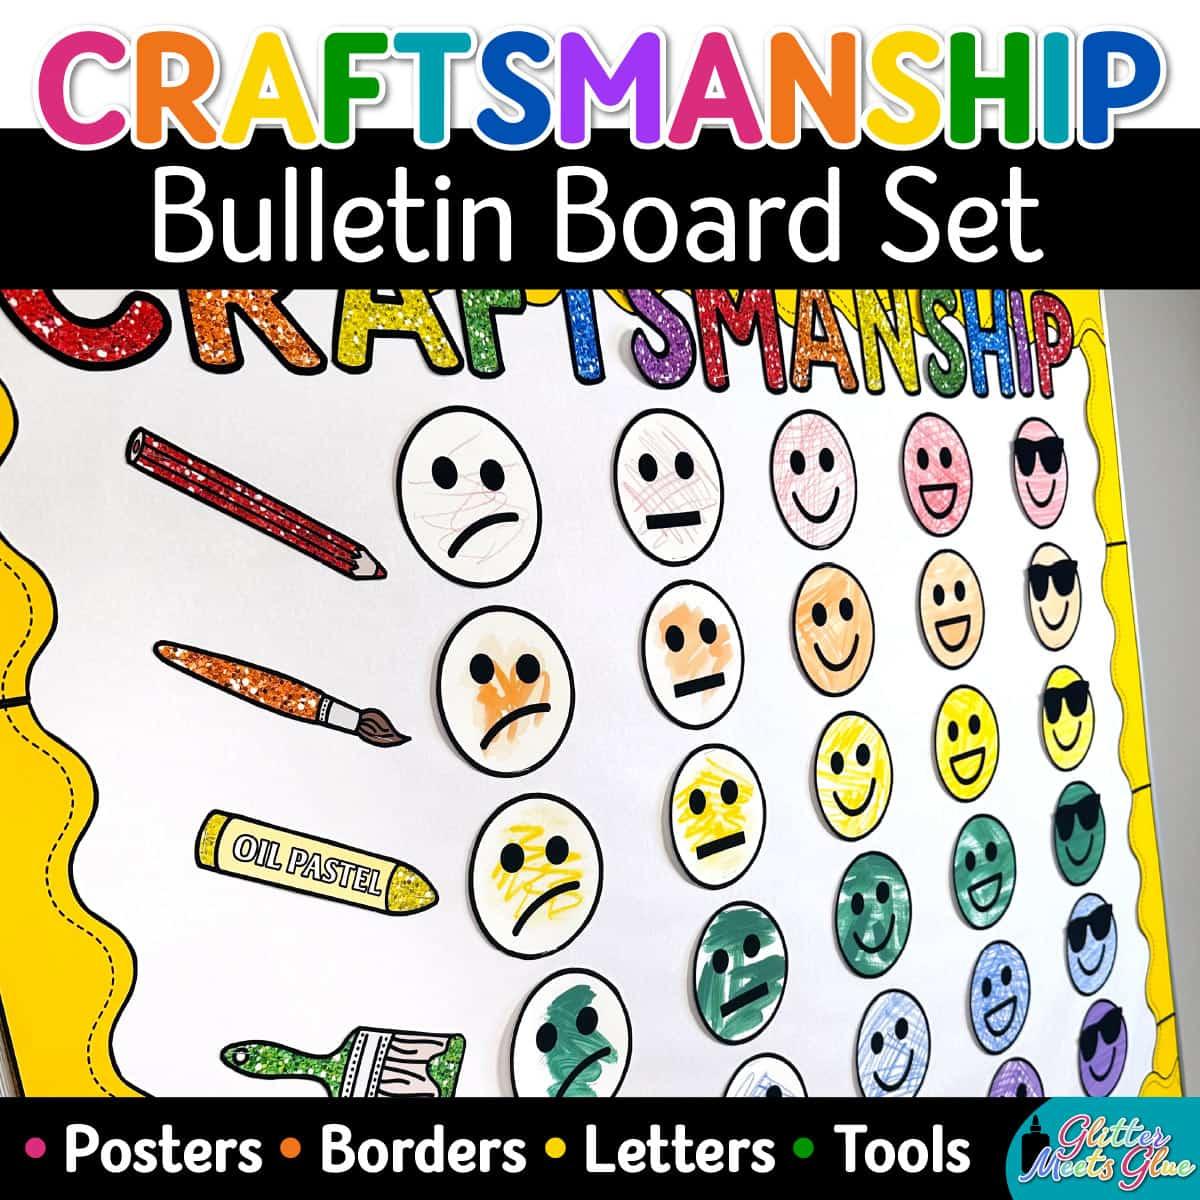 Bulletin Board Art Projects